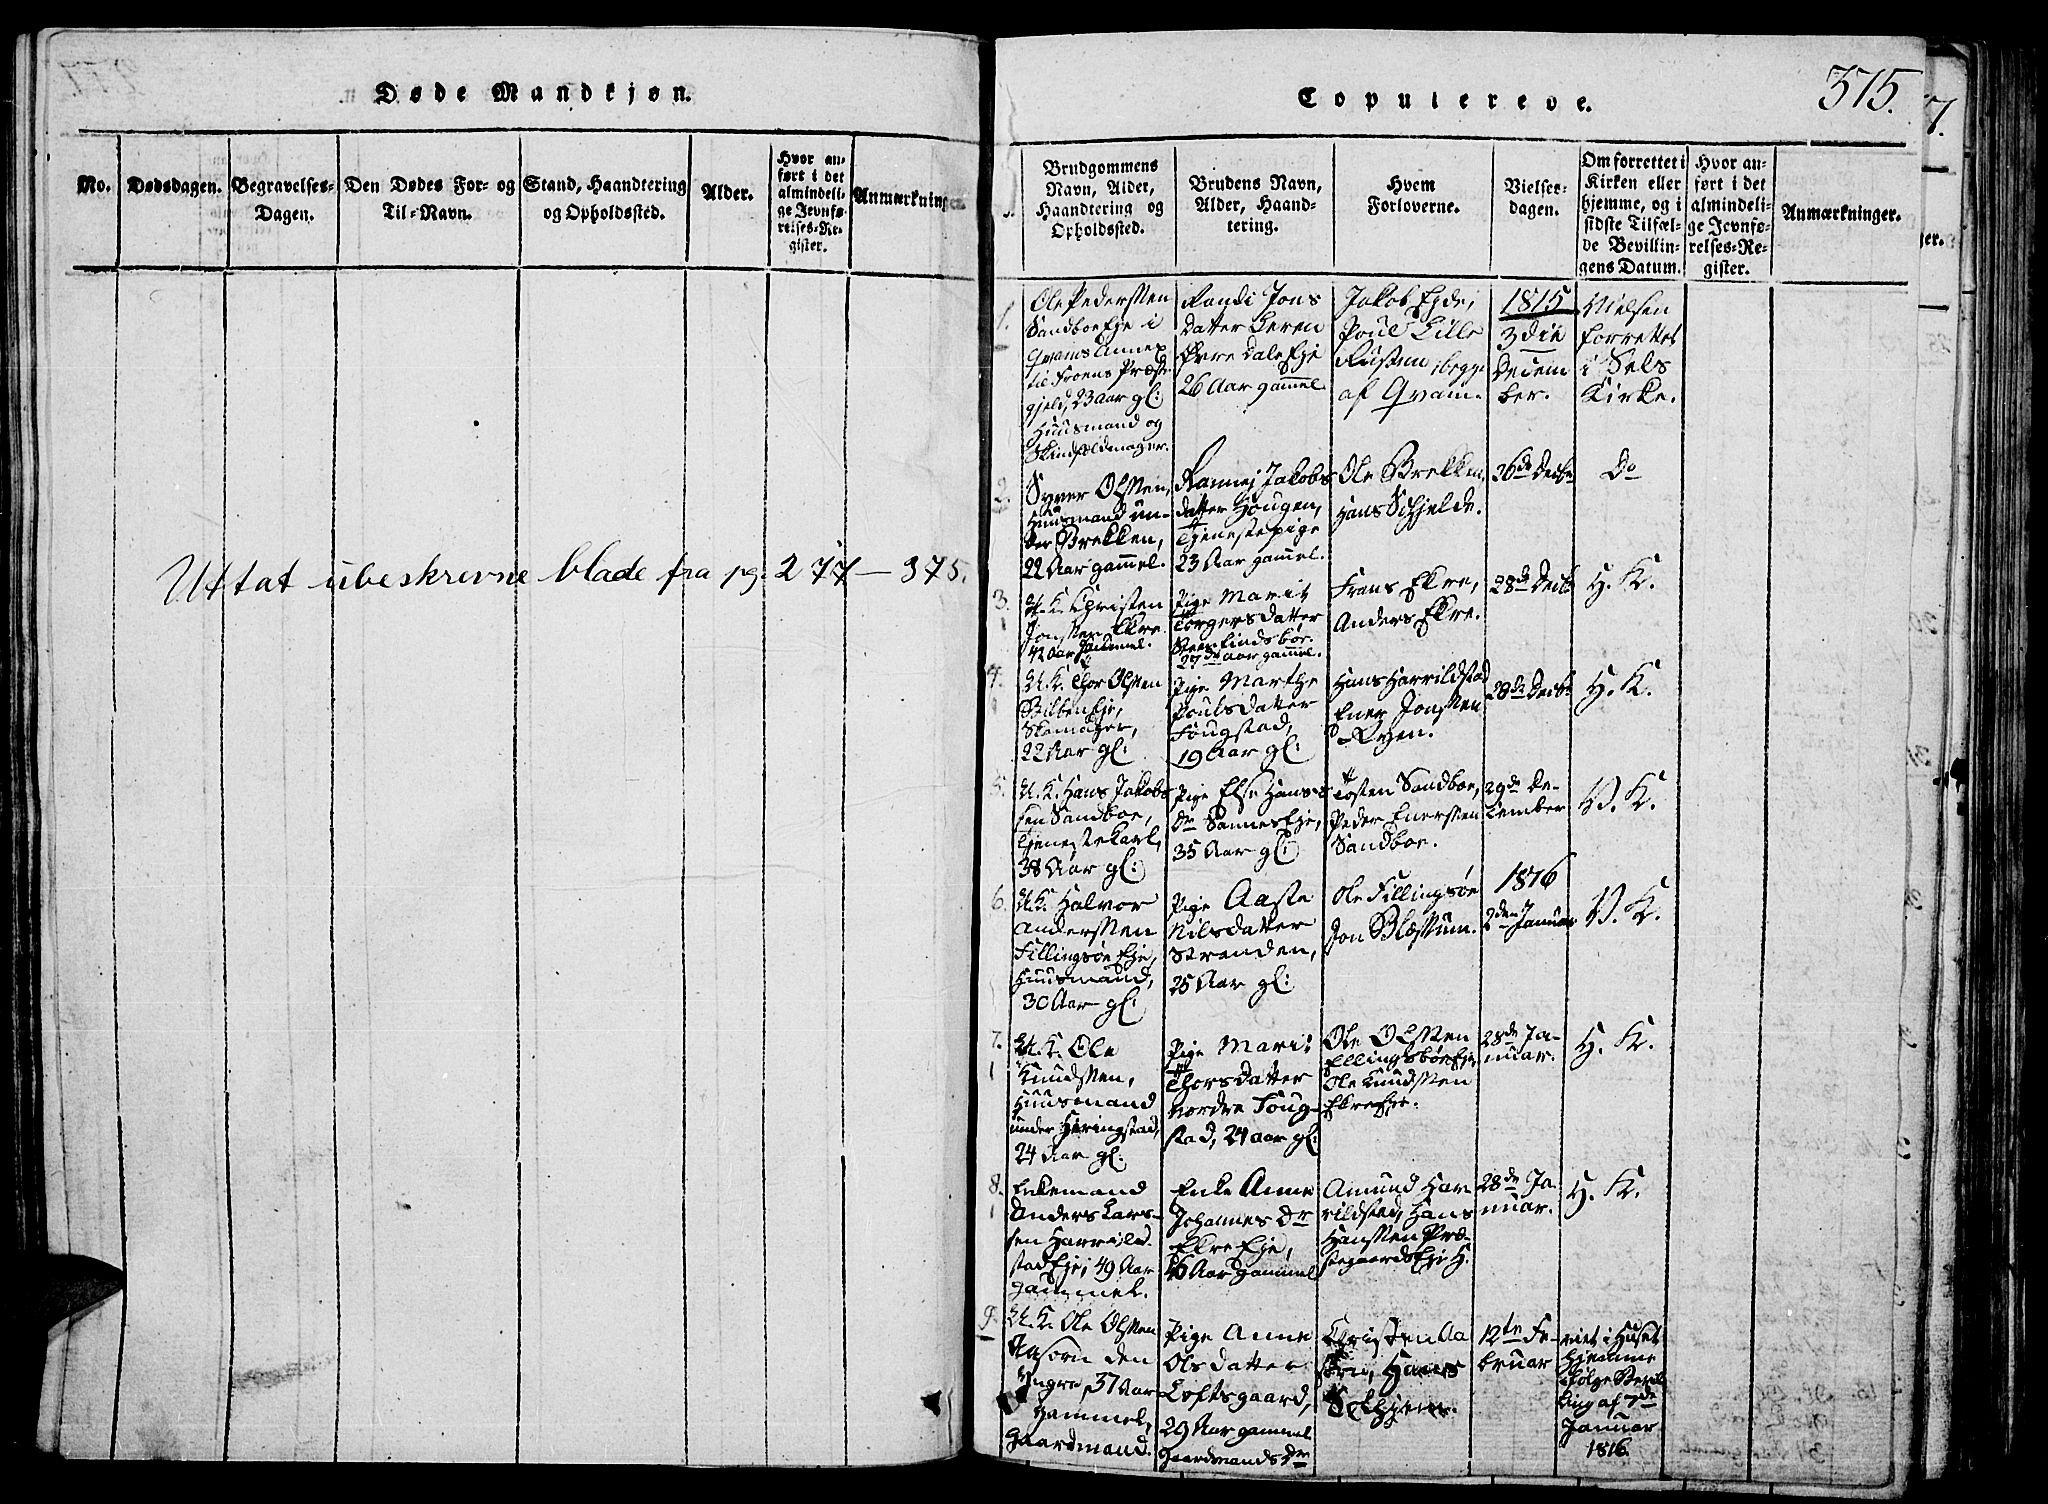 SAH, Vågå prestekontor, Klokkerbok nr. 1, 1815-1827, s. 374-375